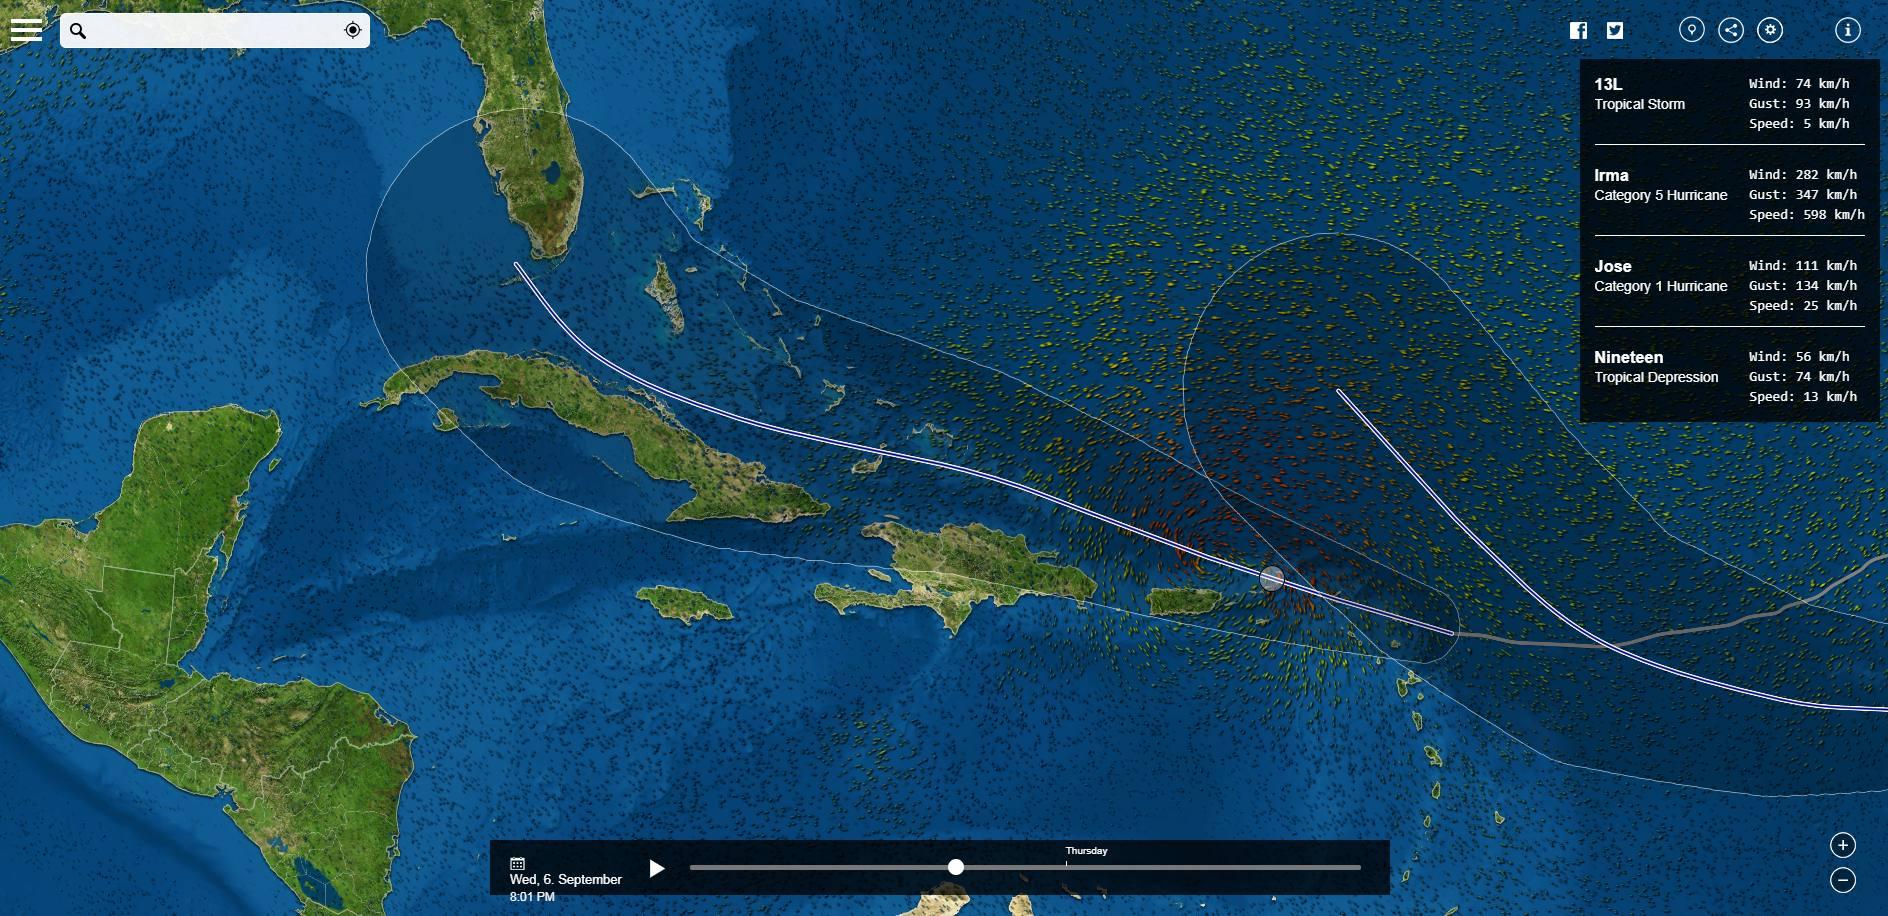 Wie Entsteht Ein Hurrikan